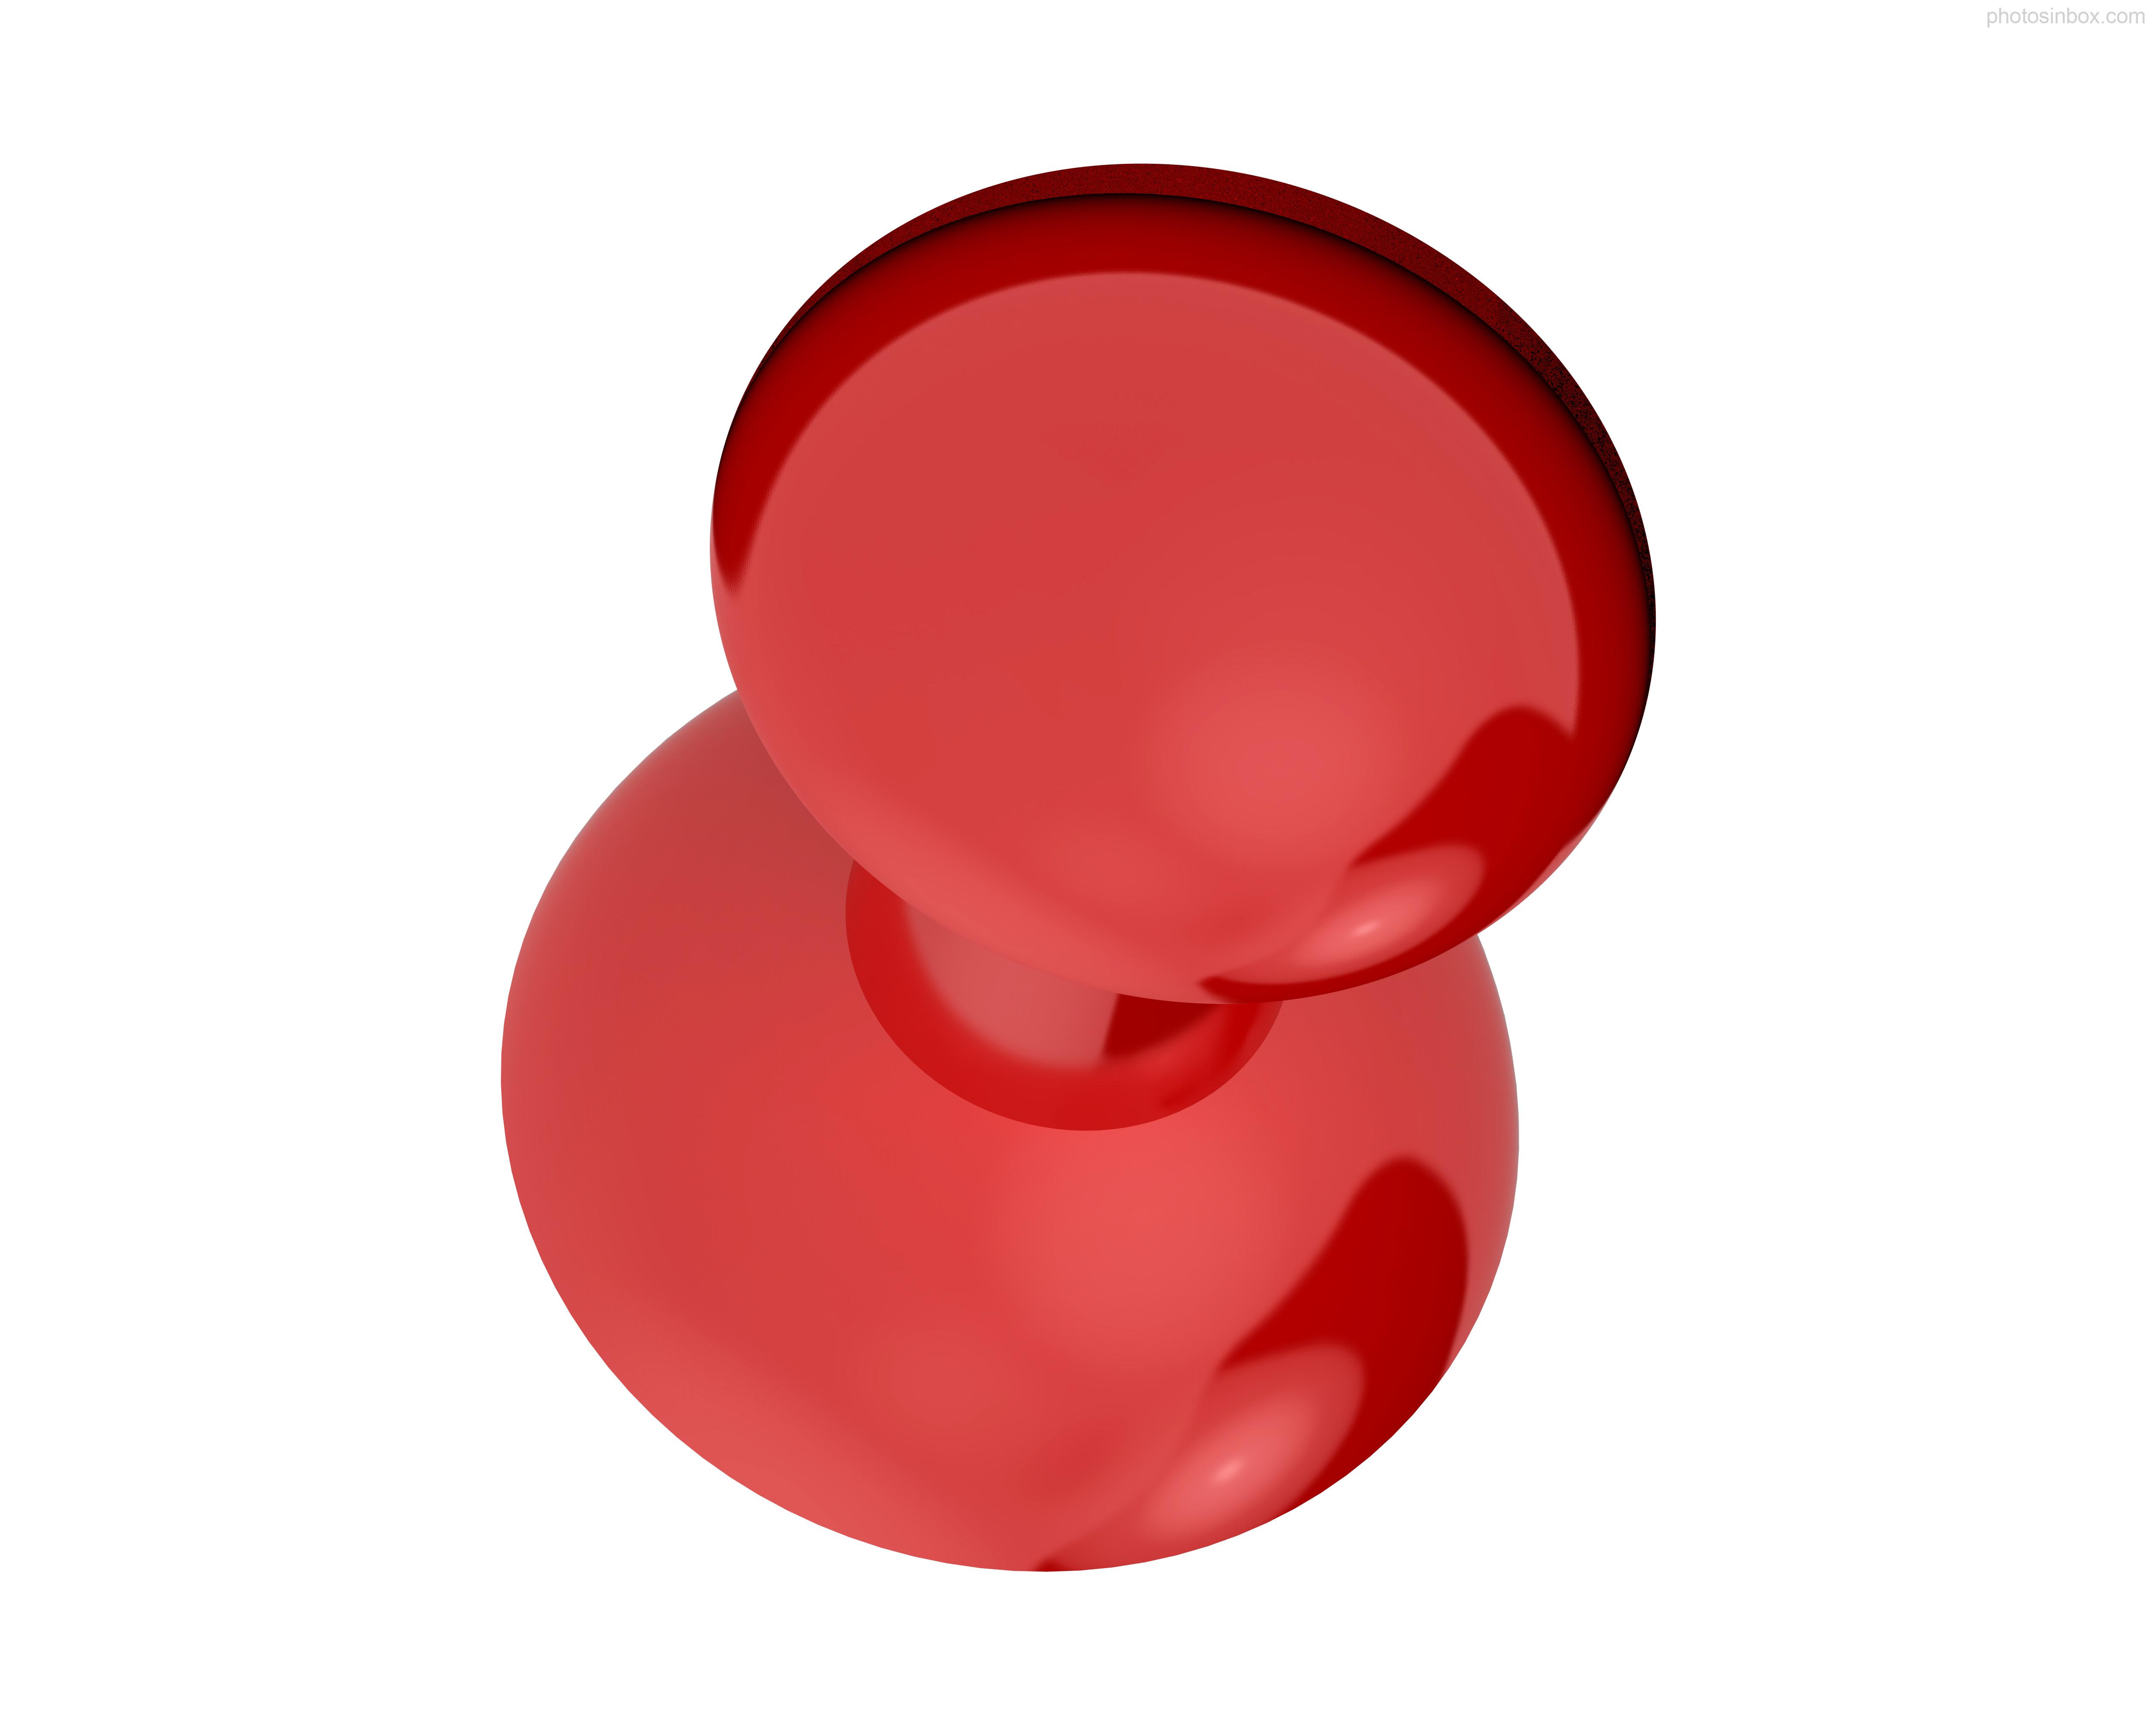 Thumb Tack clipart Crafthubs Clip Thumb Art —